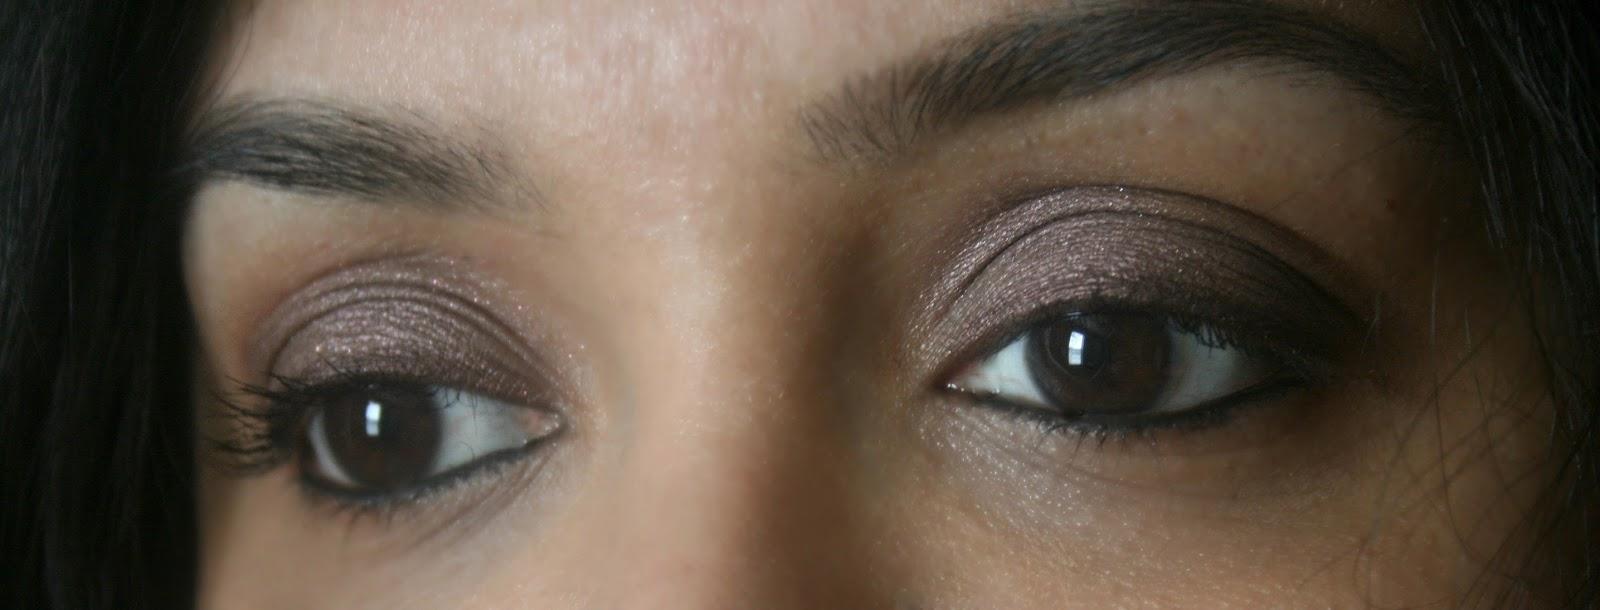 Giorgio Armani Eye Tint in Senso #10 EOTD